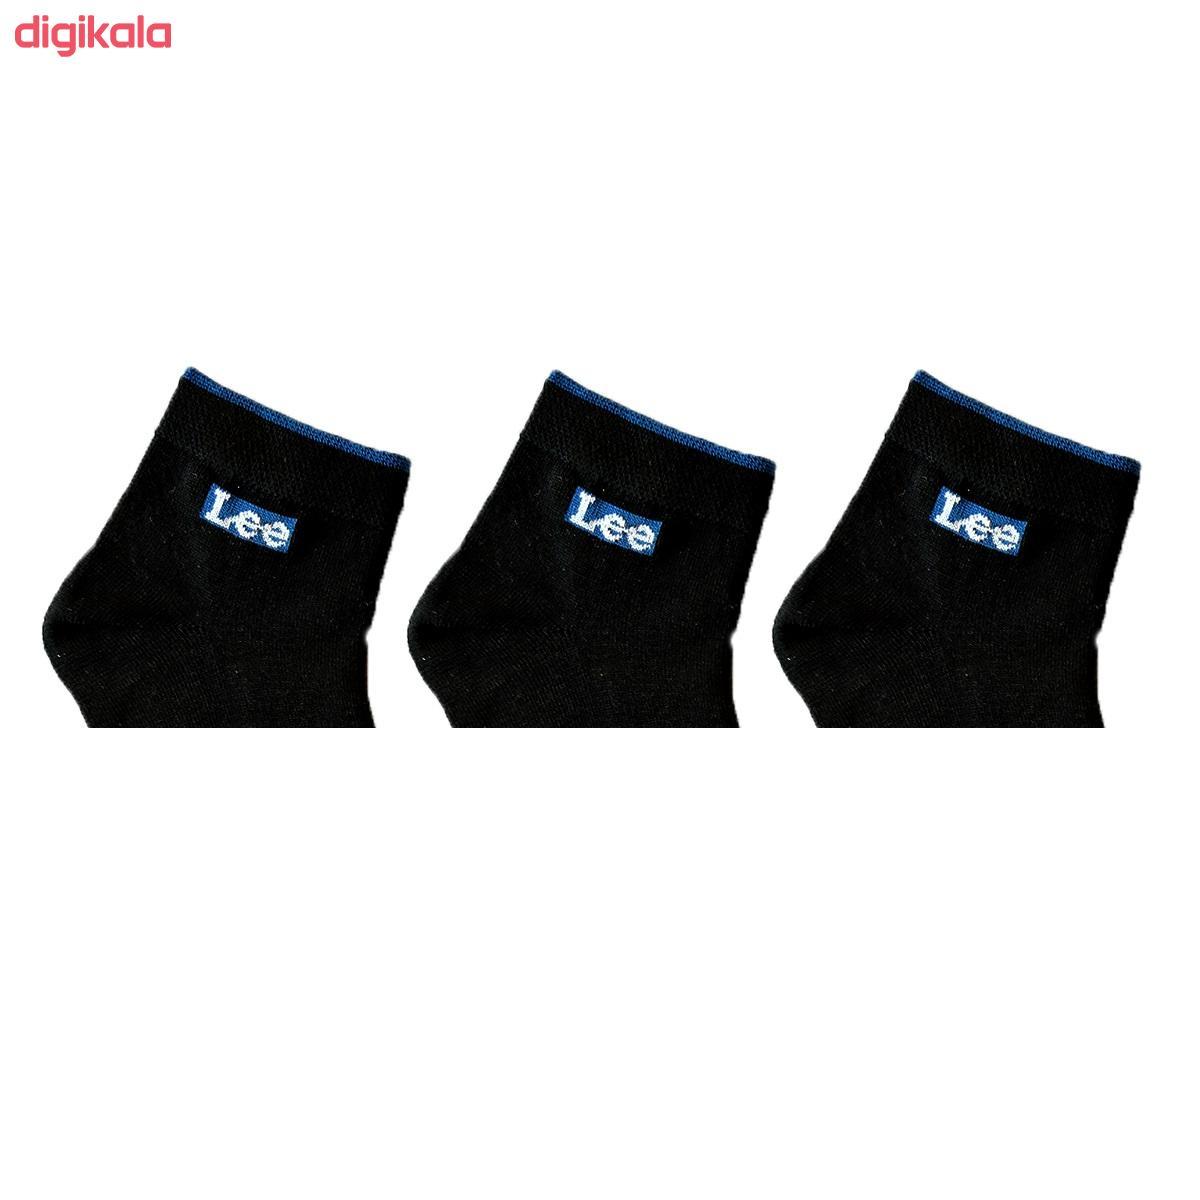 جوراب مردانه کد R100 بسته 3 عددی main 1 1